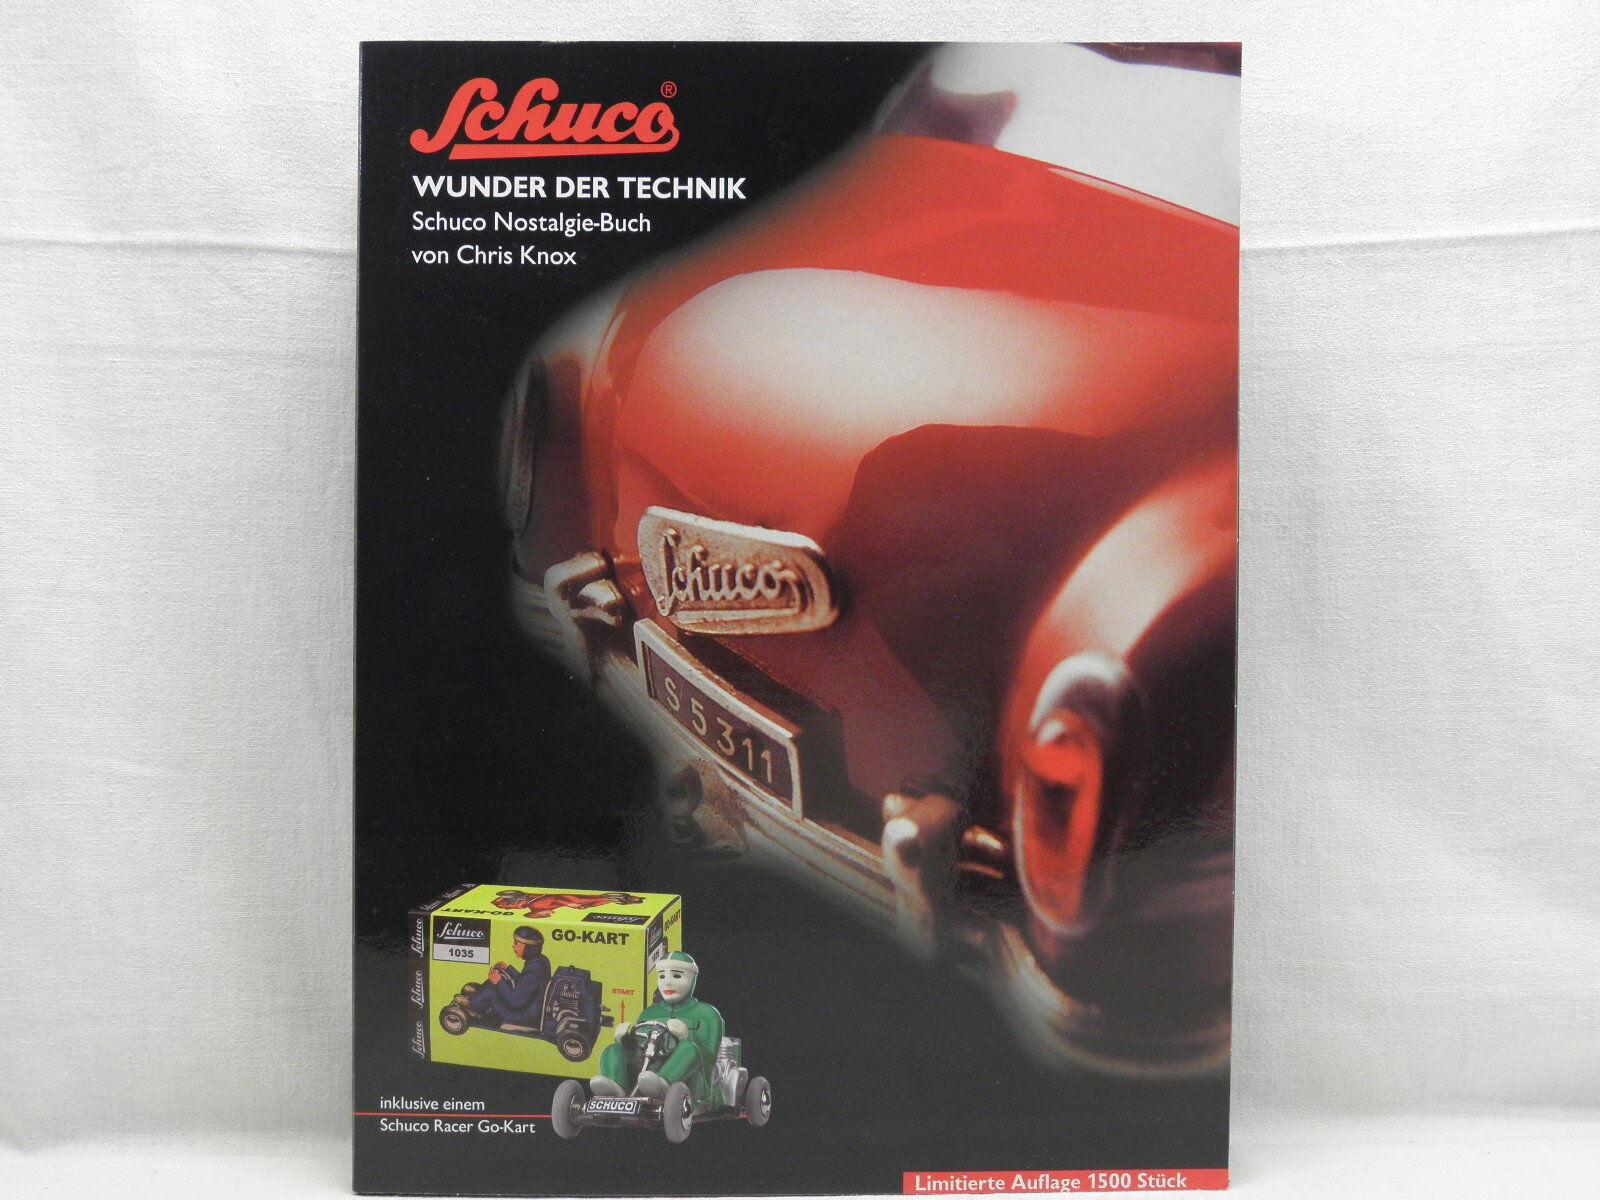 Schuco 02145 Modèle Racer Kart au maßst .1  18 et le livre miracle de la technologie